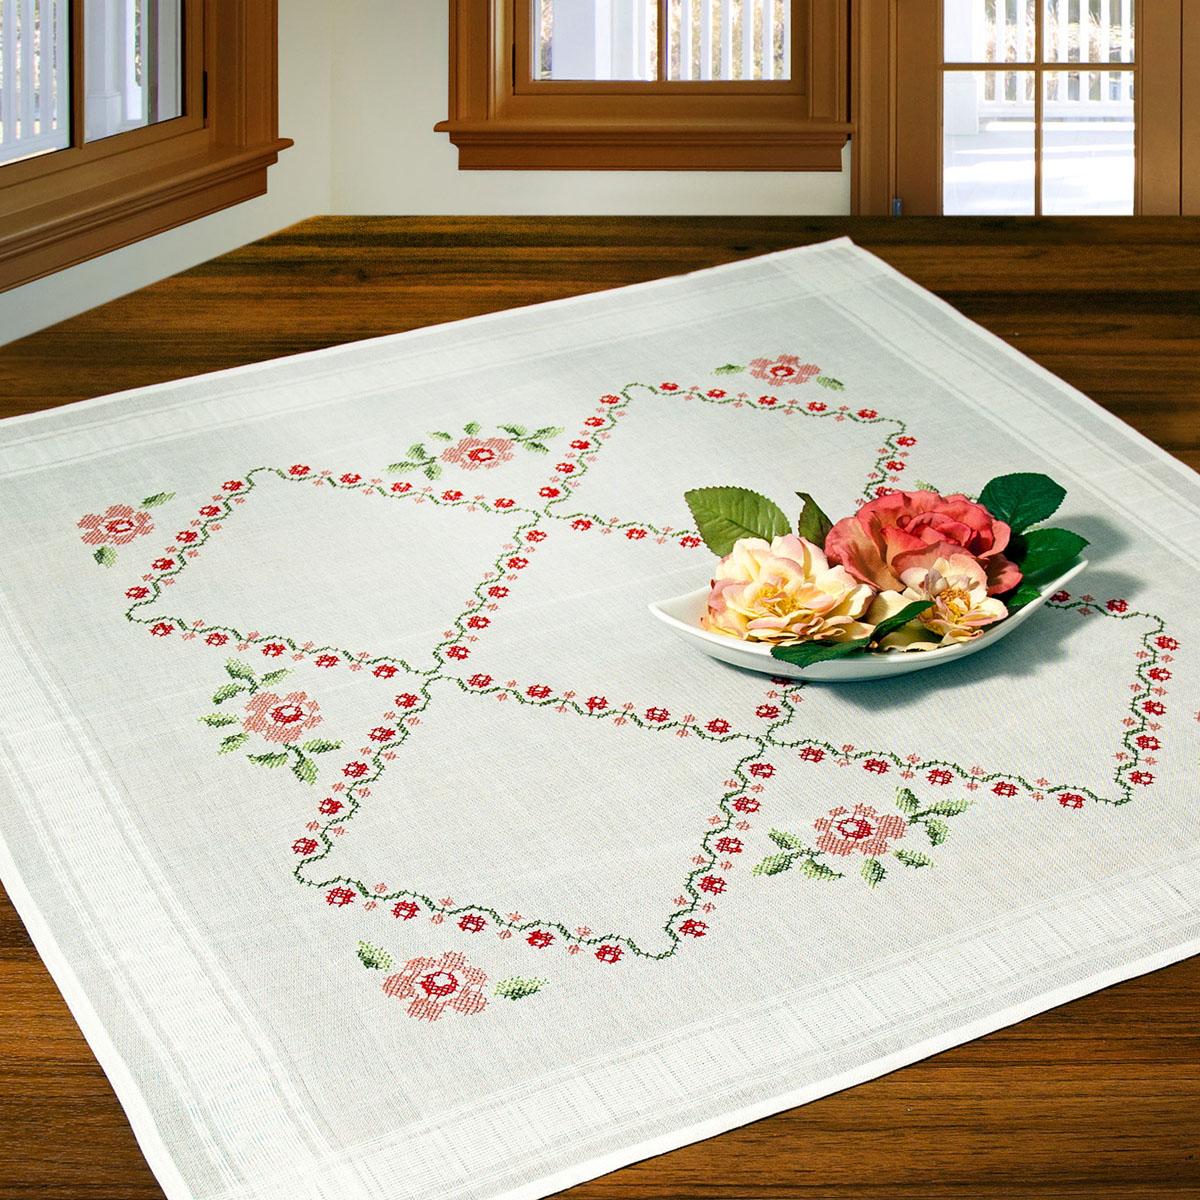 Дизайн вышивки скатерти 4